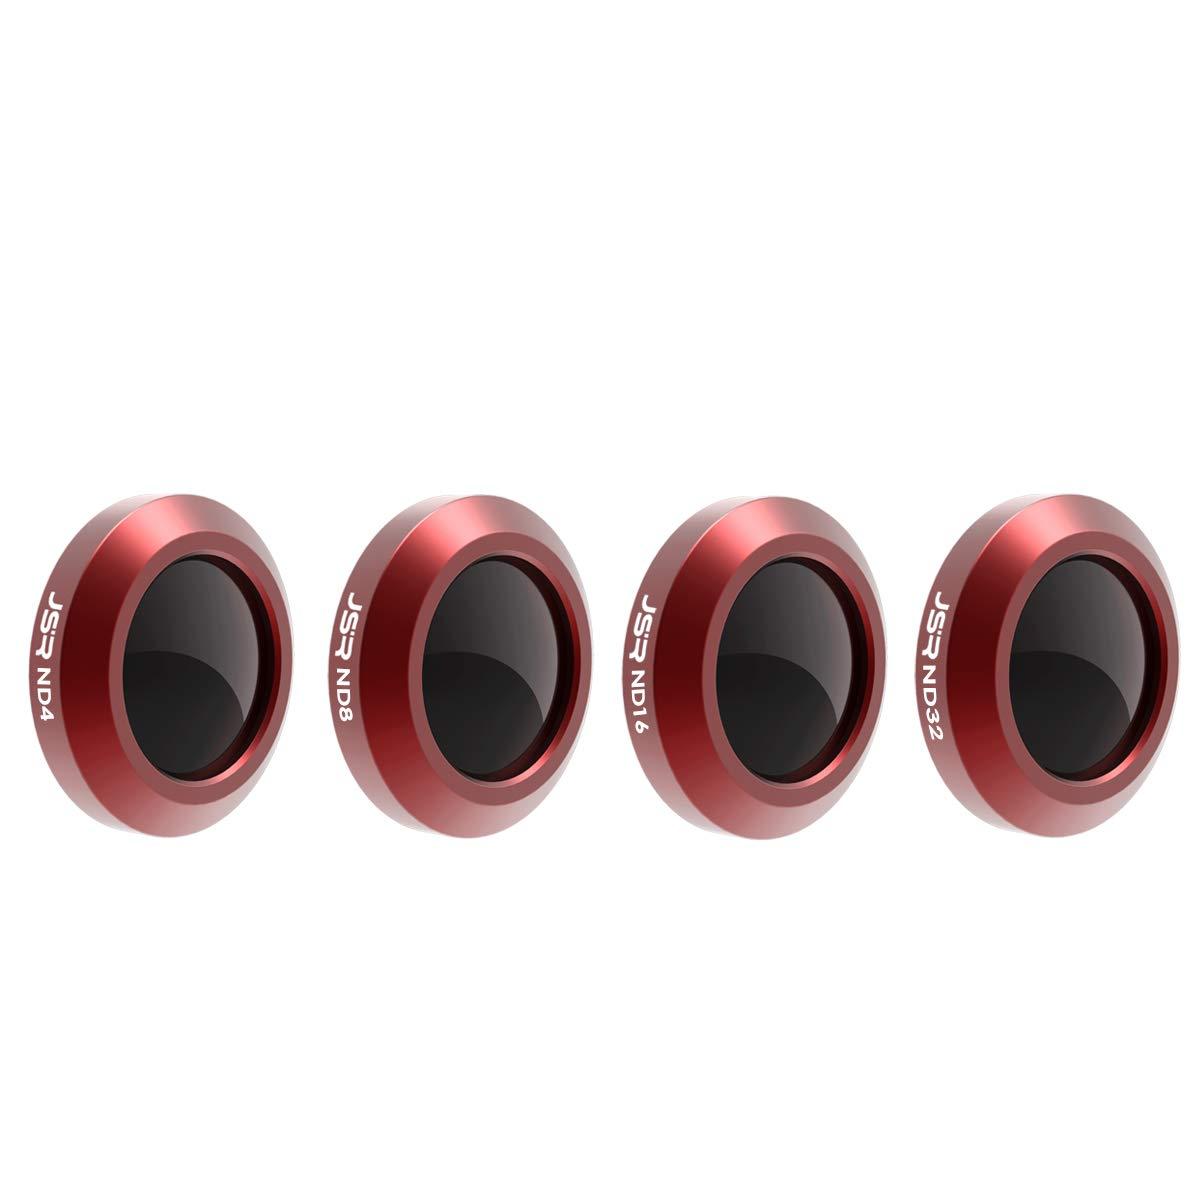 Ocamo プロフェッショナルドローンフィルター ND 4 8 16 32 カメラフィルターセット DJI Mavic 2 Zoom Polarizer UV Starフィルターアクセサリー Mavic2 Zoom用 4 in 1 WXL-TOY-1107-01F38F7434 B07K8JXZGD   4 in 1